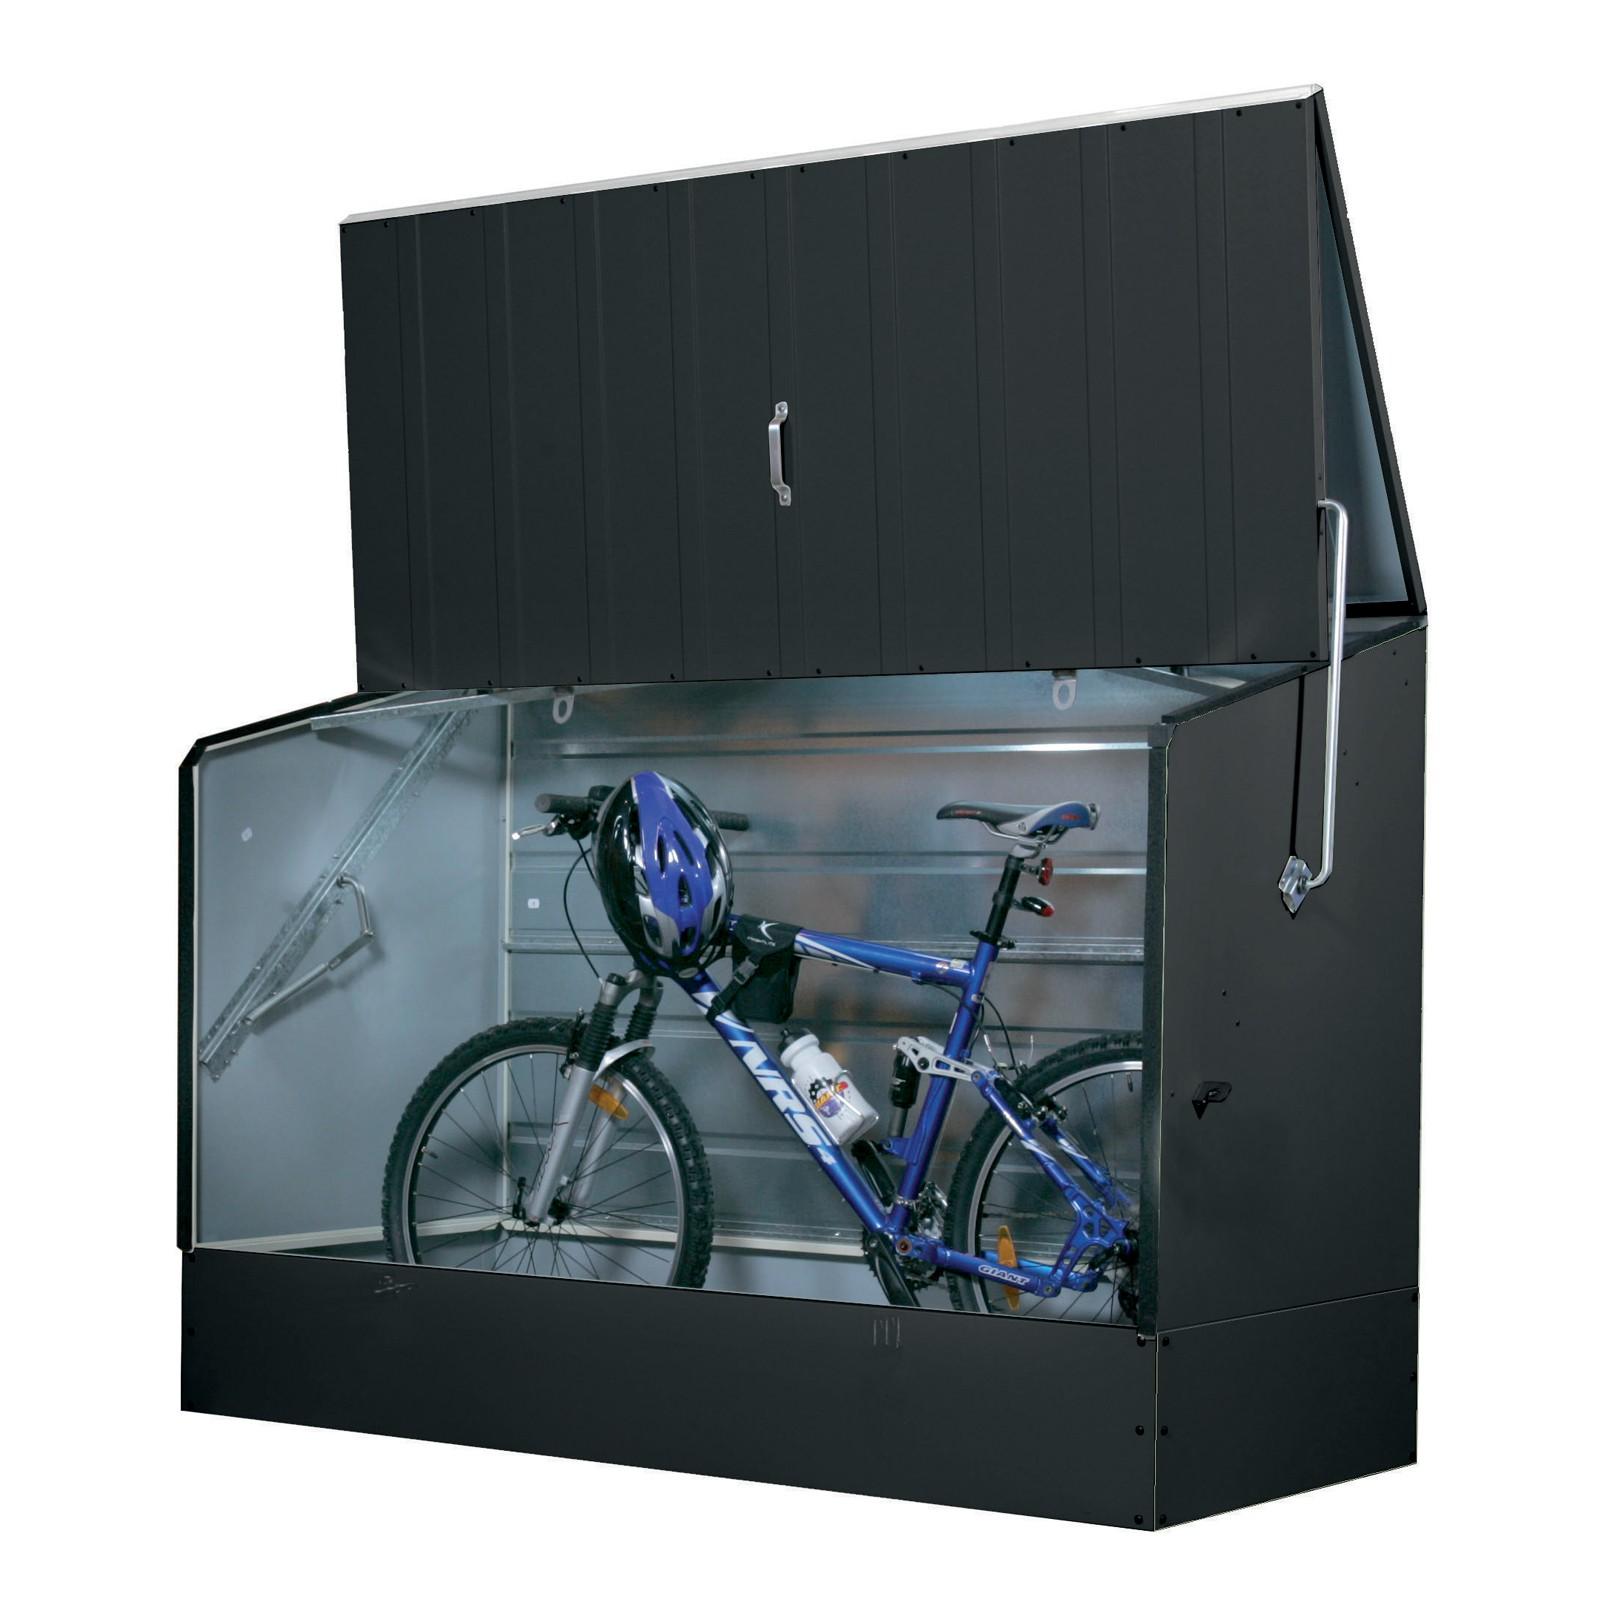 Tepro Metall Fahrradbox / Fahrradgarage anthrazit 7161